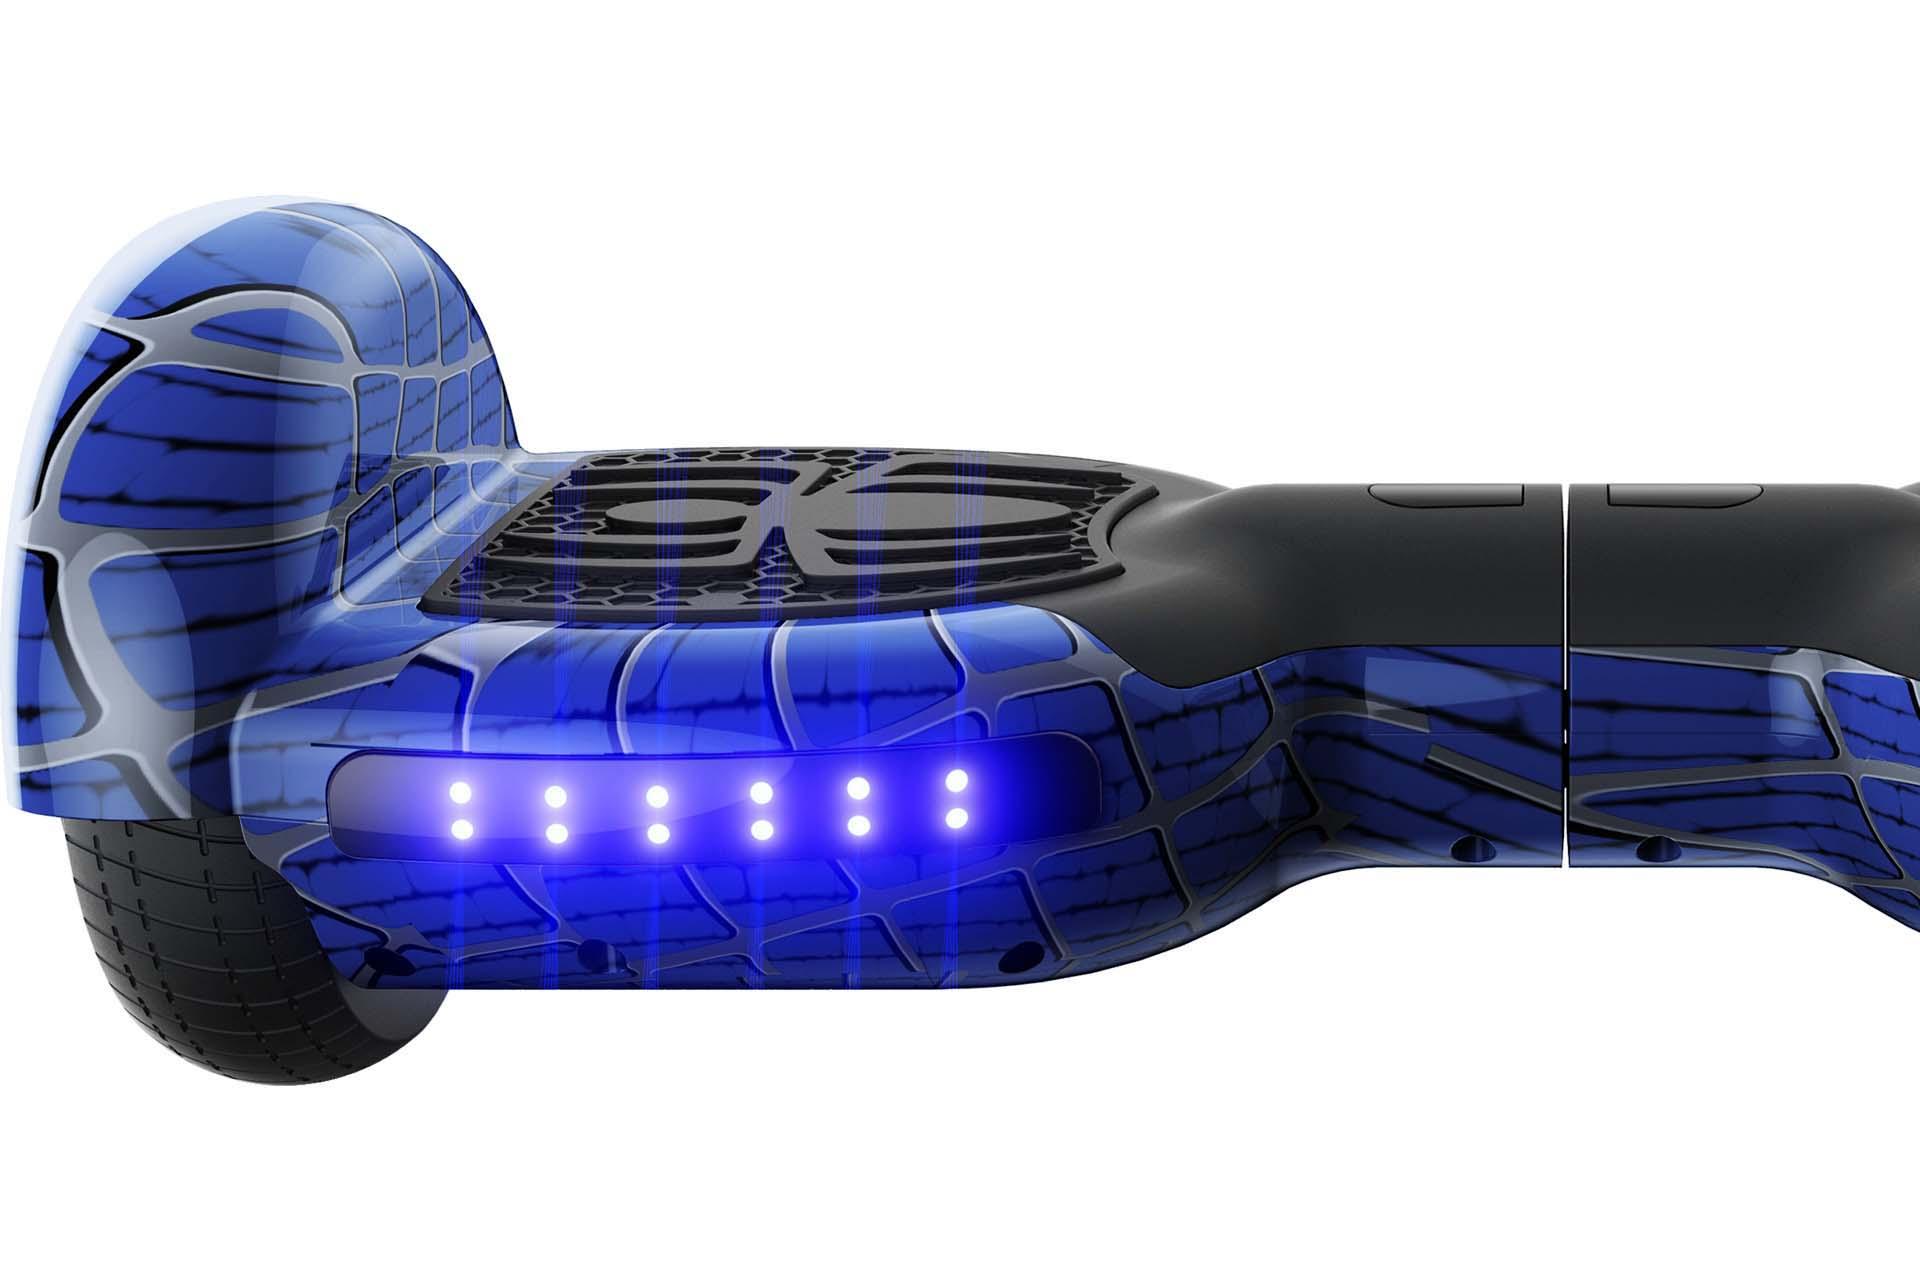 SUNL Led Lighting Spider Hoverboard